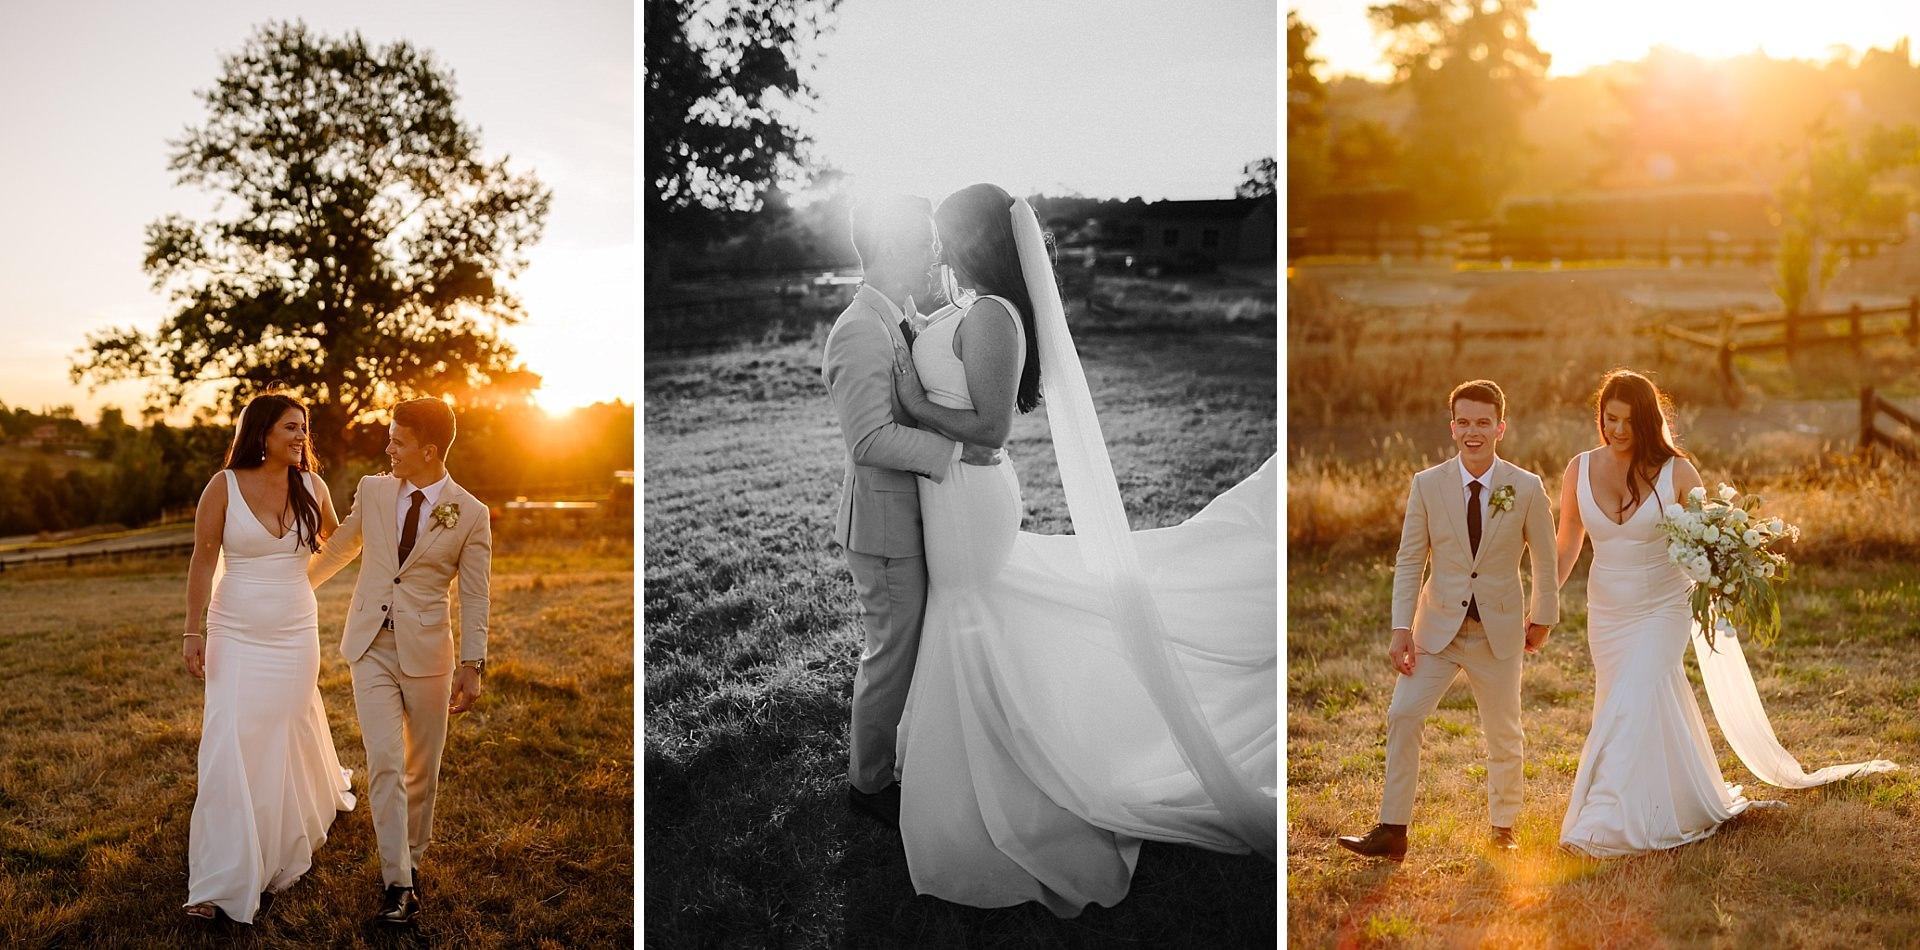 New Zealand Sunset wedding photography